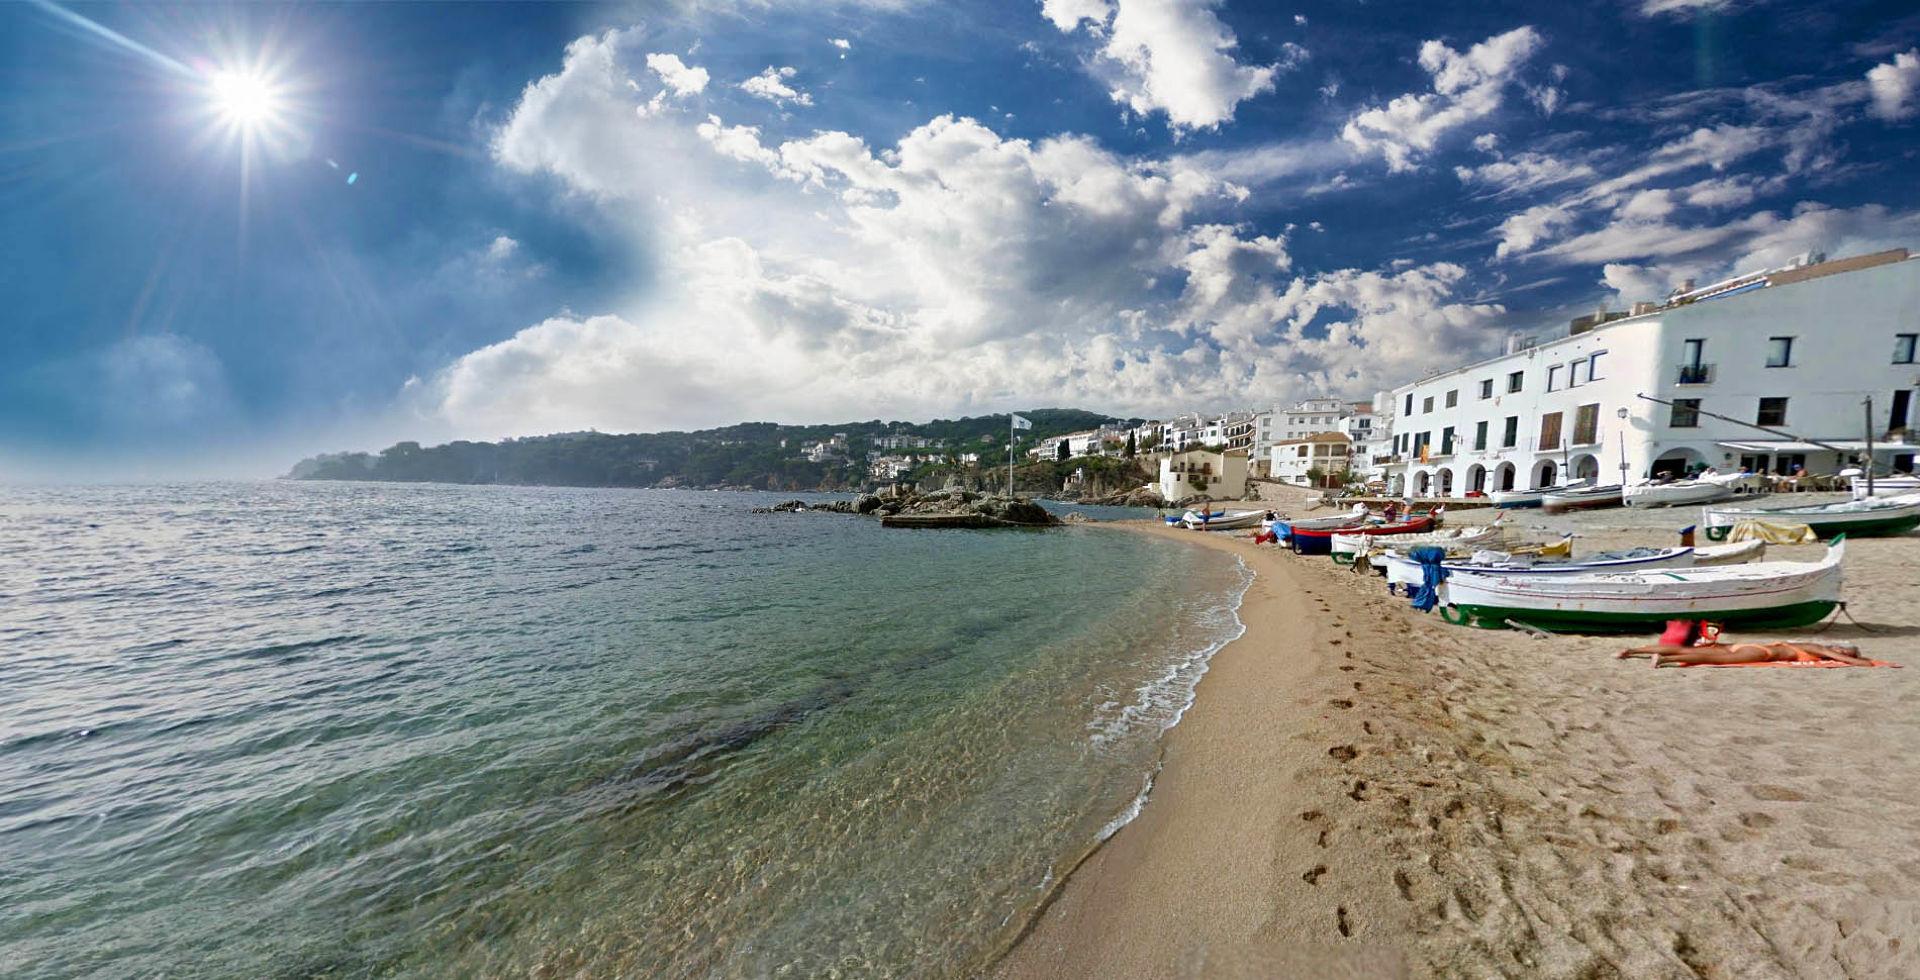 Beaches in Calella